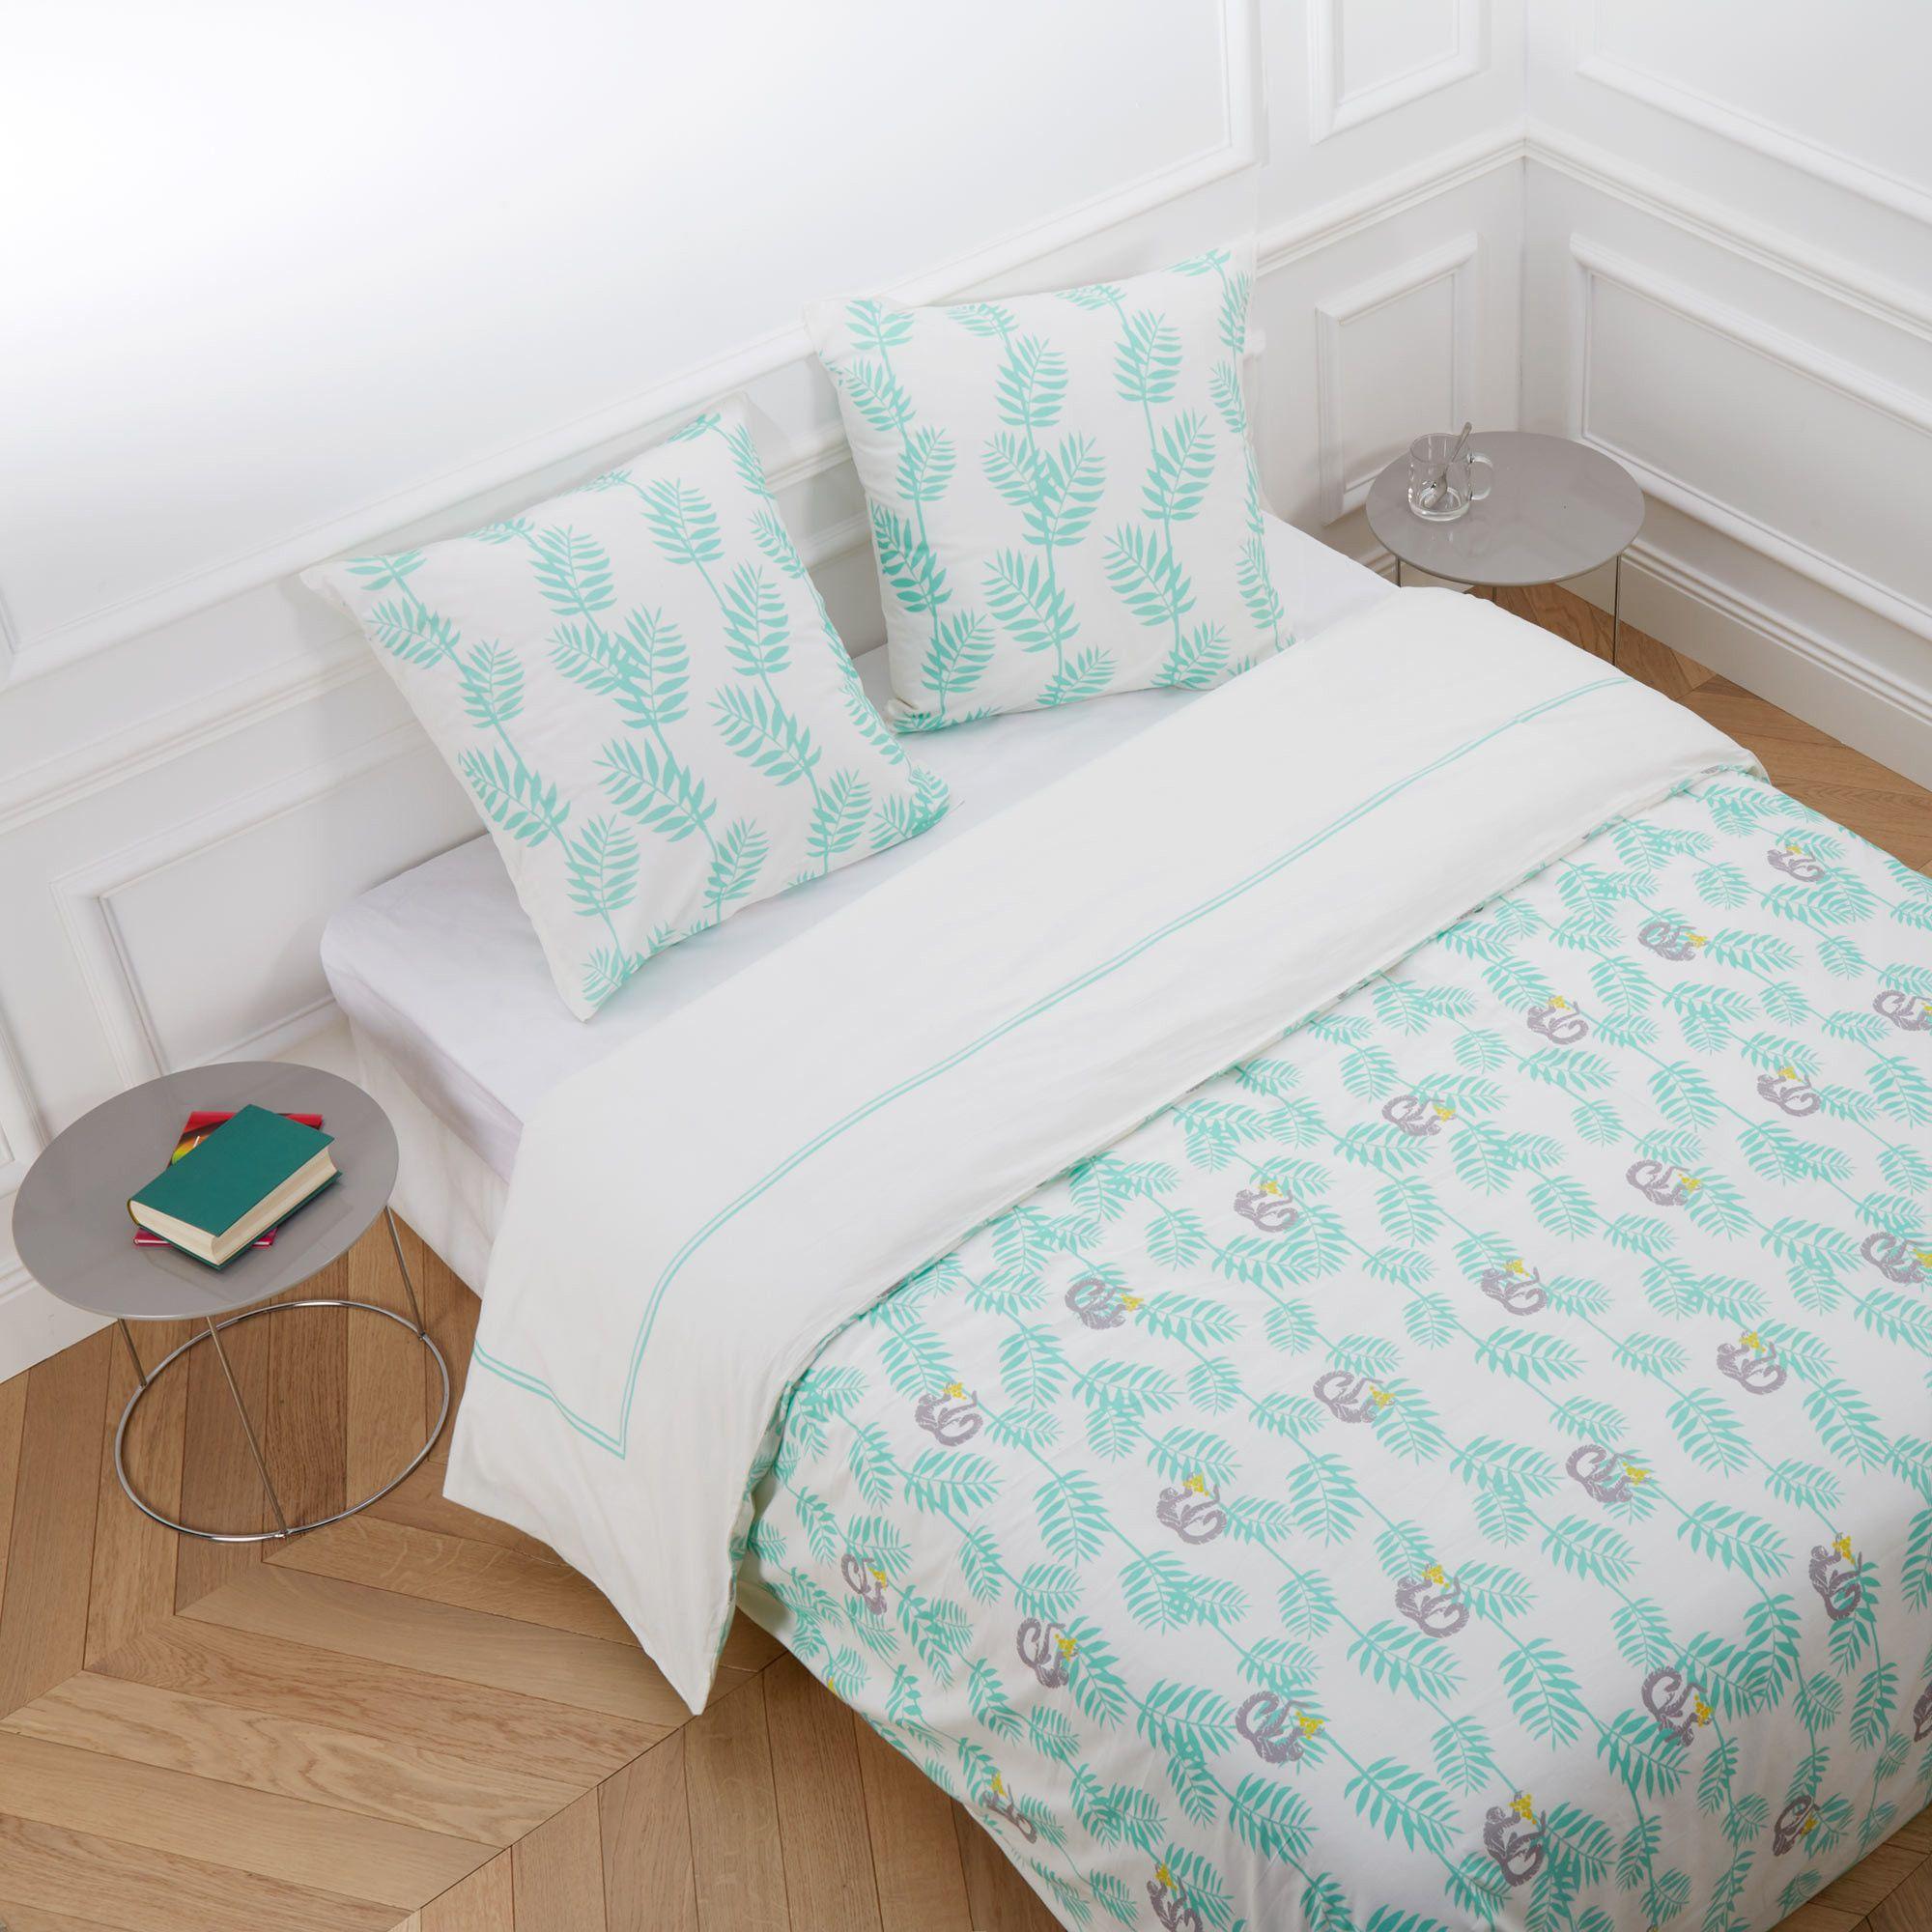 les 25 meilleures id es de la cat gorie parure de lit 180x200 sur pinterest parure de lit. Black Bedroom Furniture Sets. Home Design Ideas